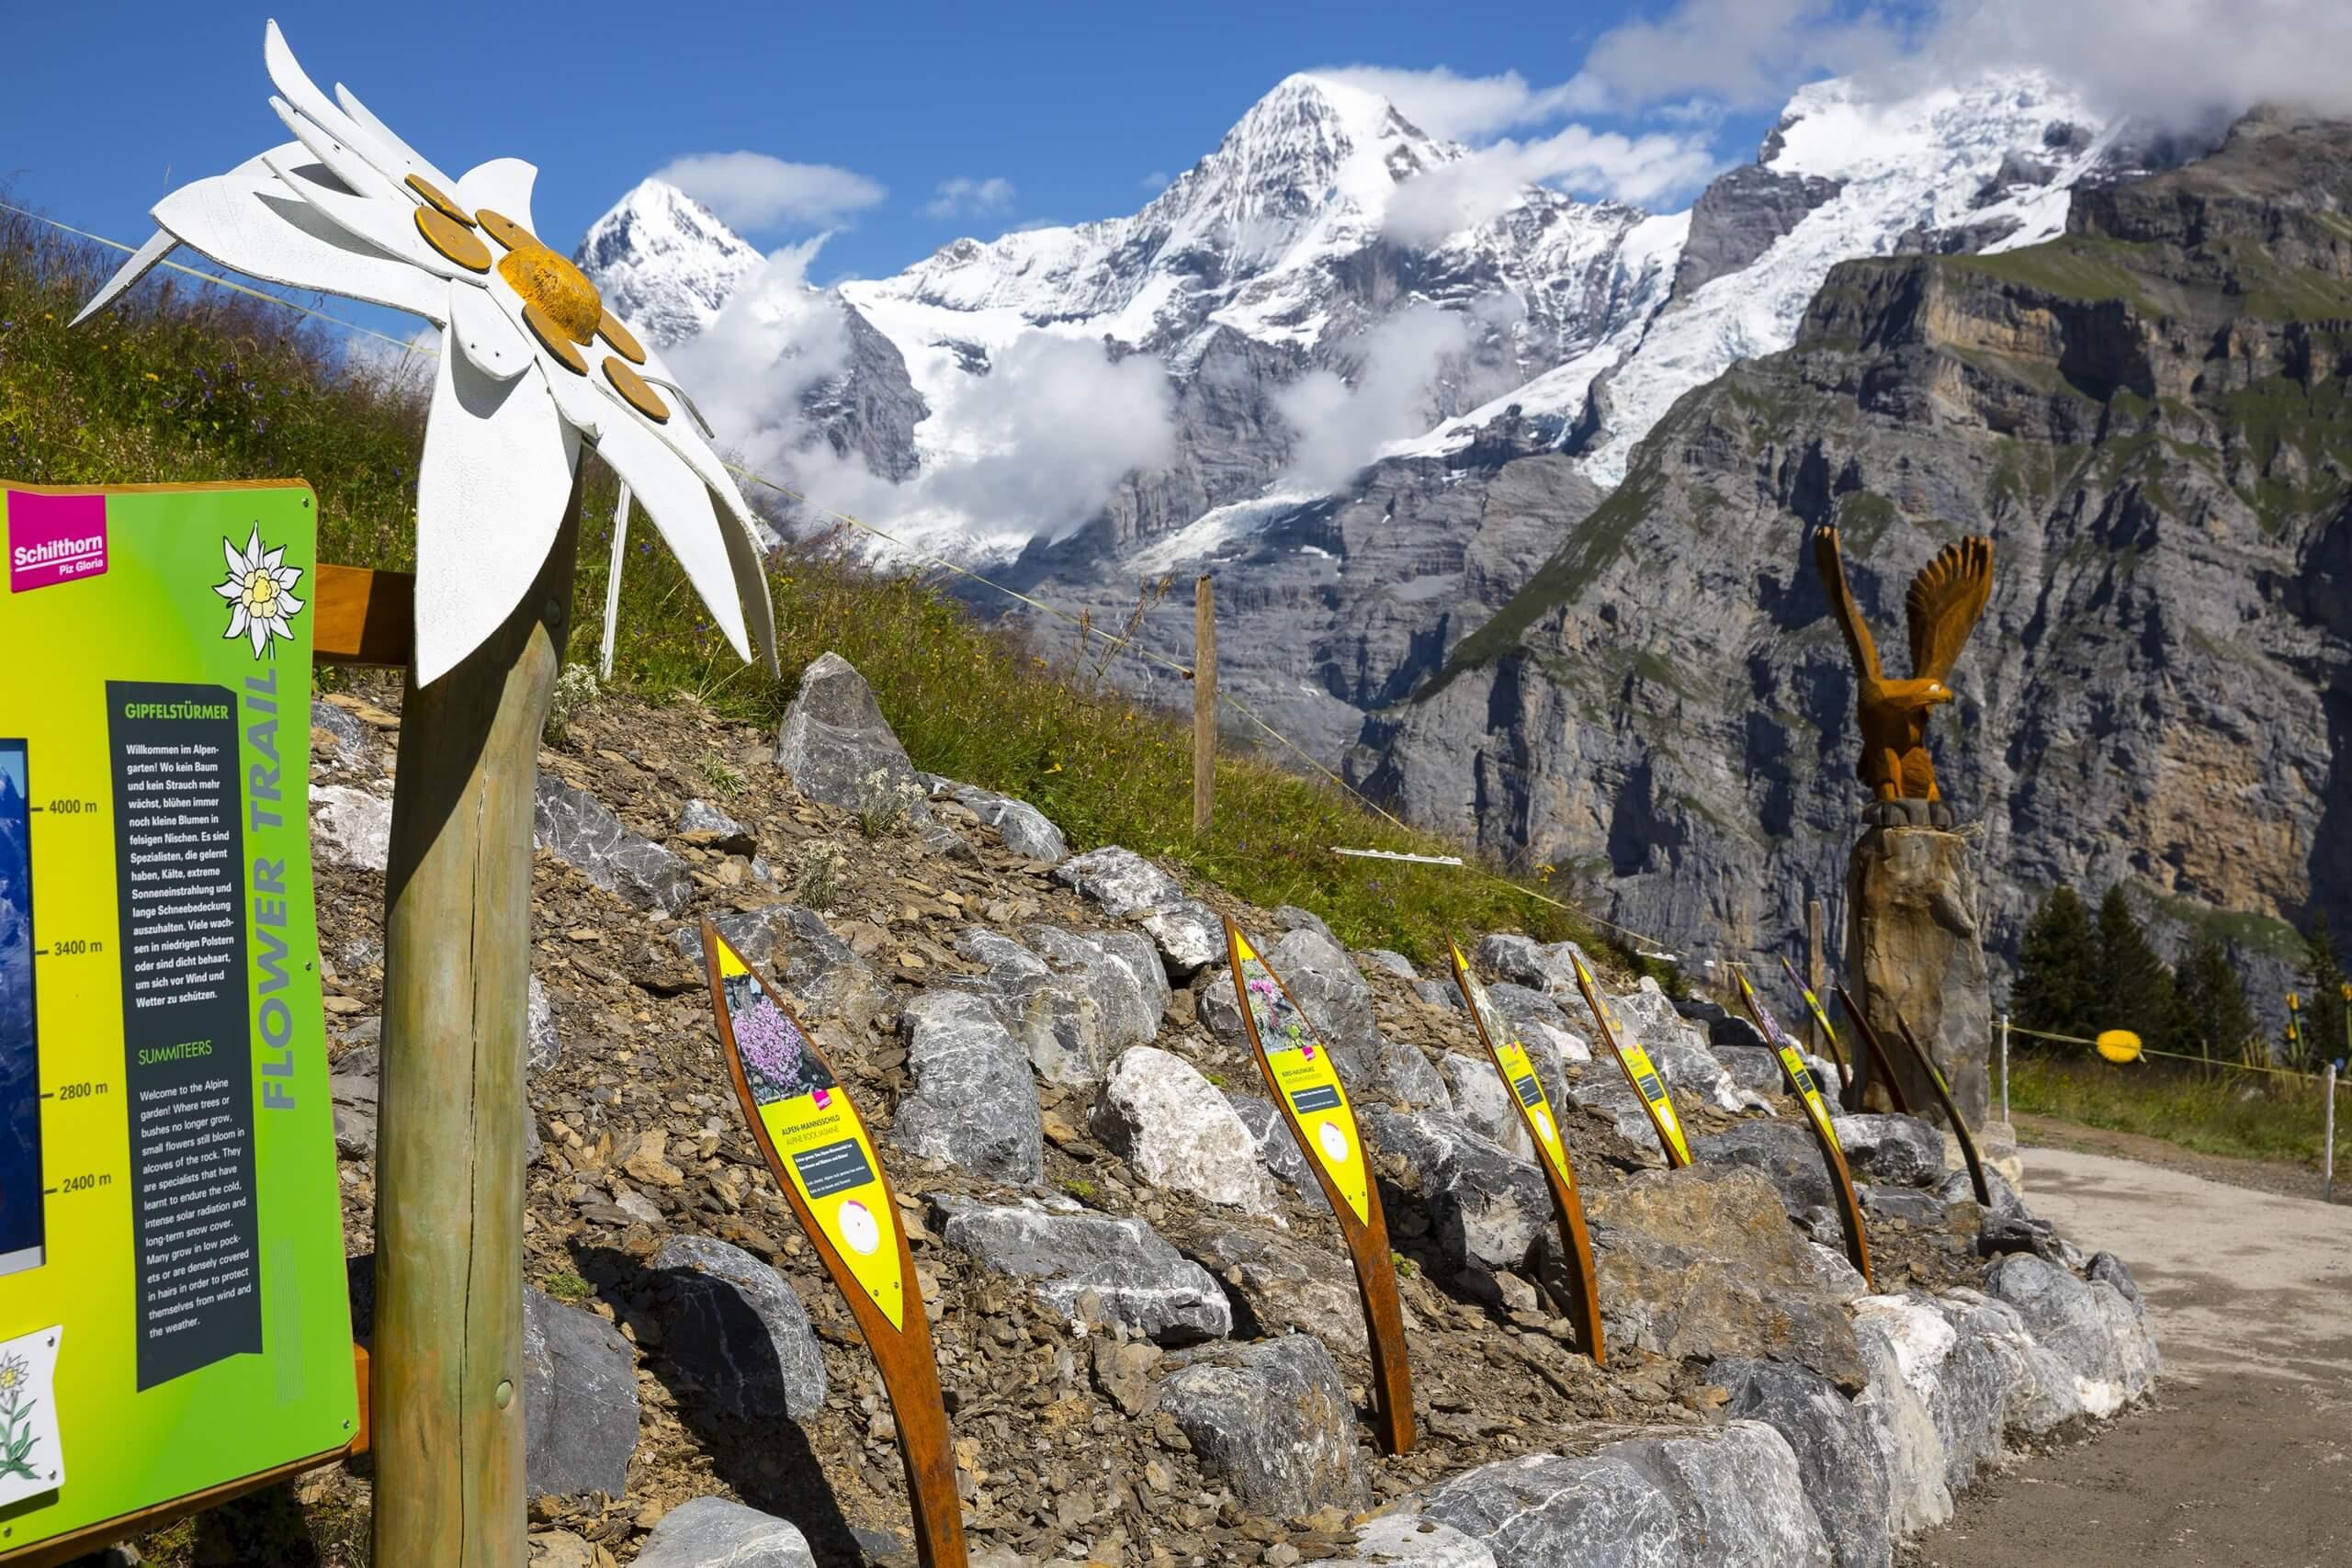 schilthorn-allmendhubel-sommer-flower-trail